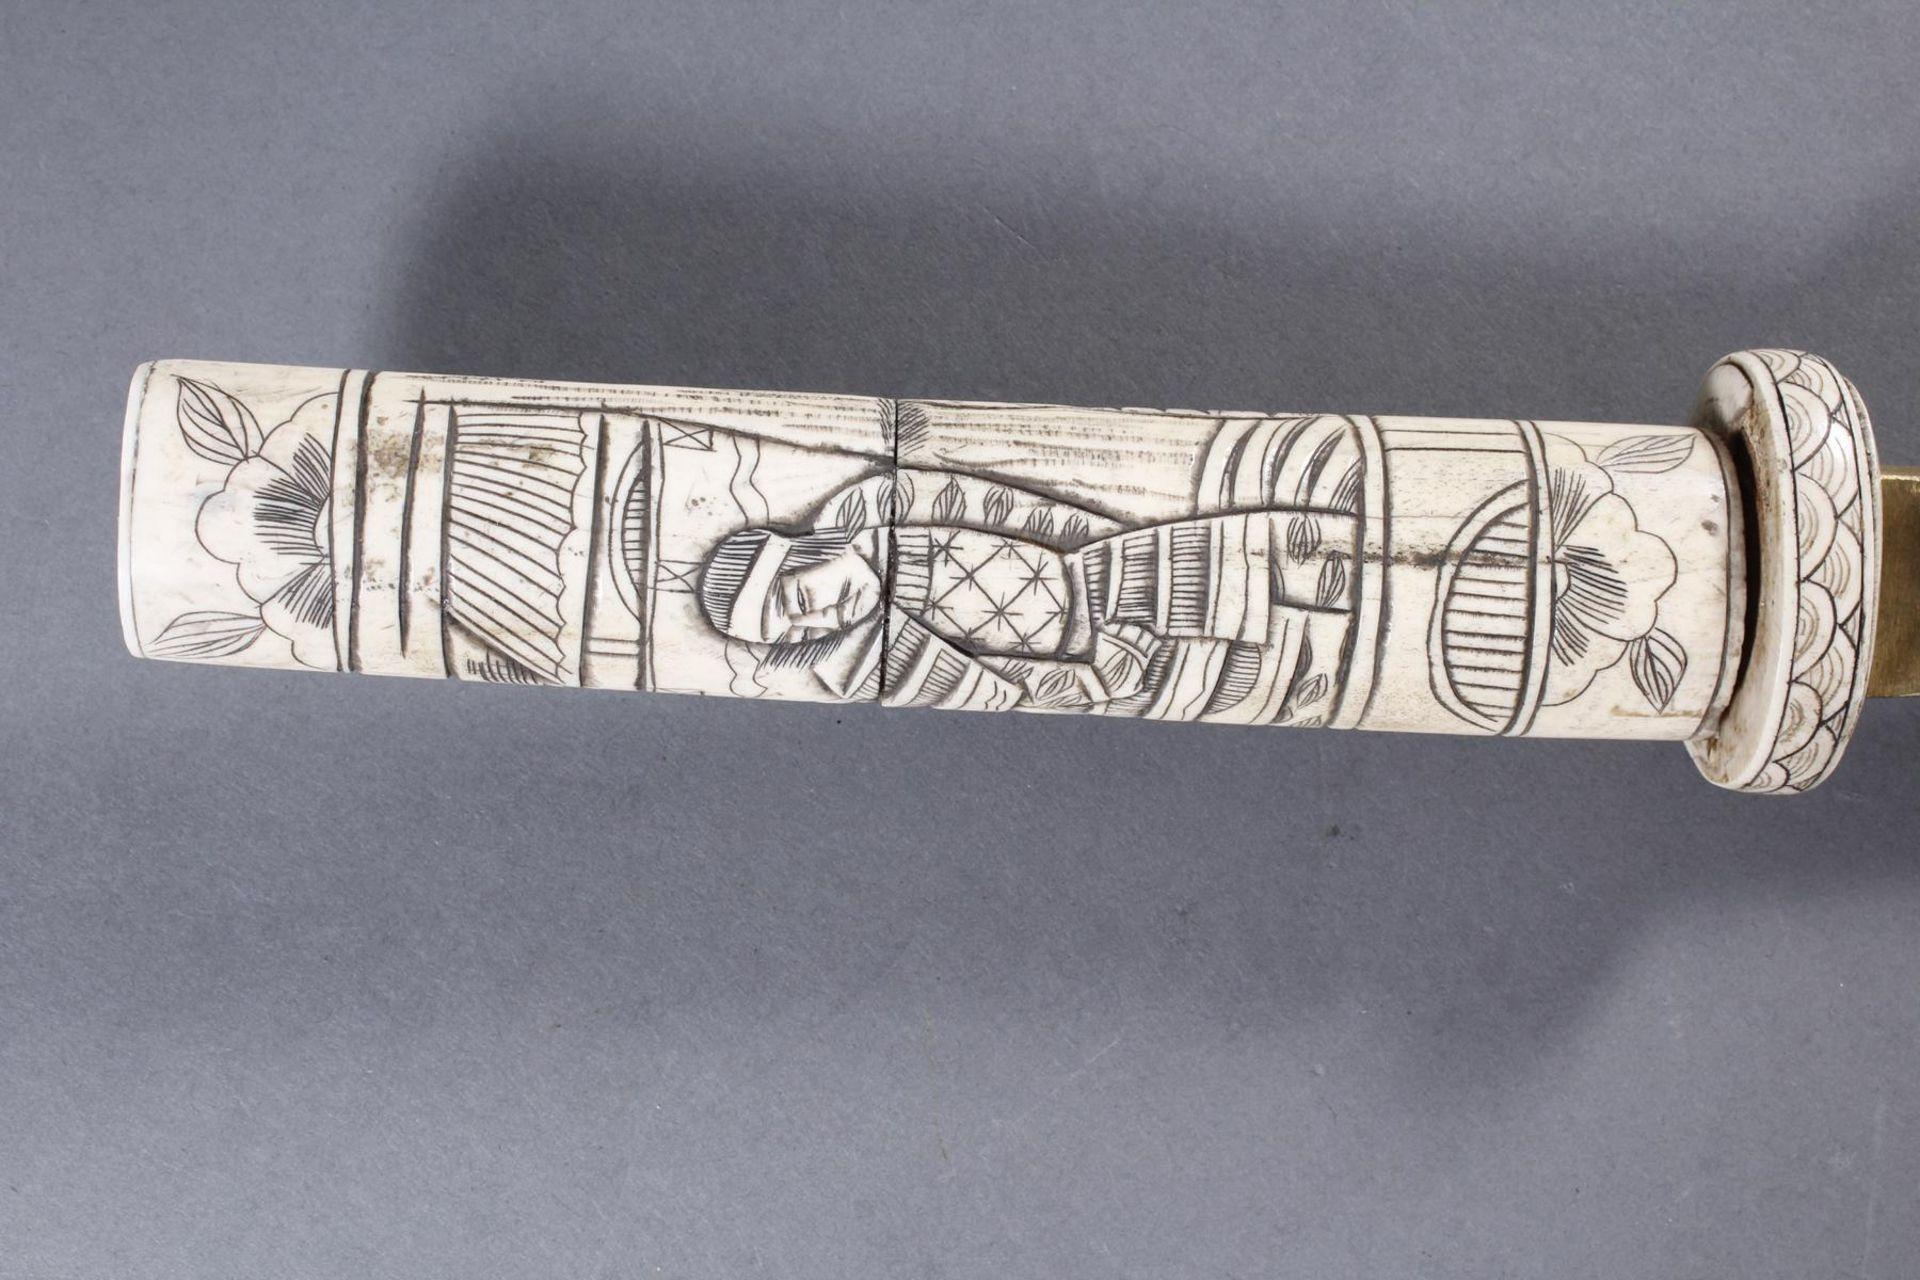 Kurzschwert aus Hirschhorn, Japan Meiji Periode - Bild 6 aus 12